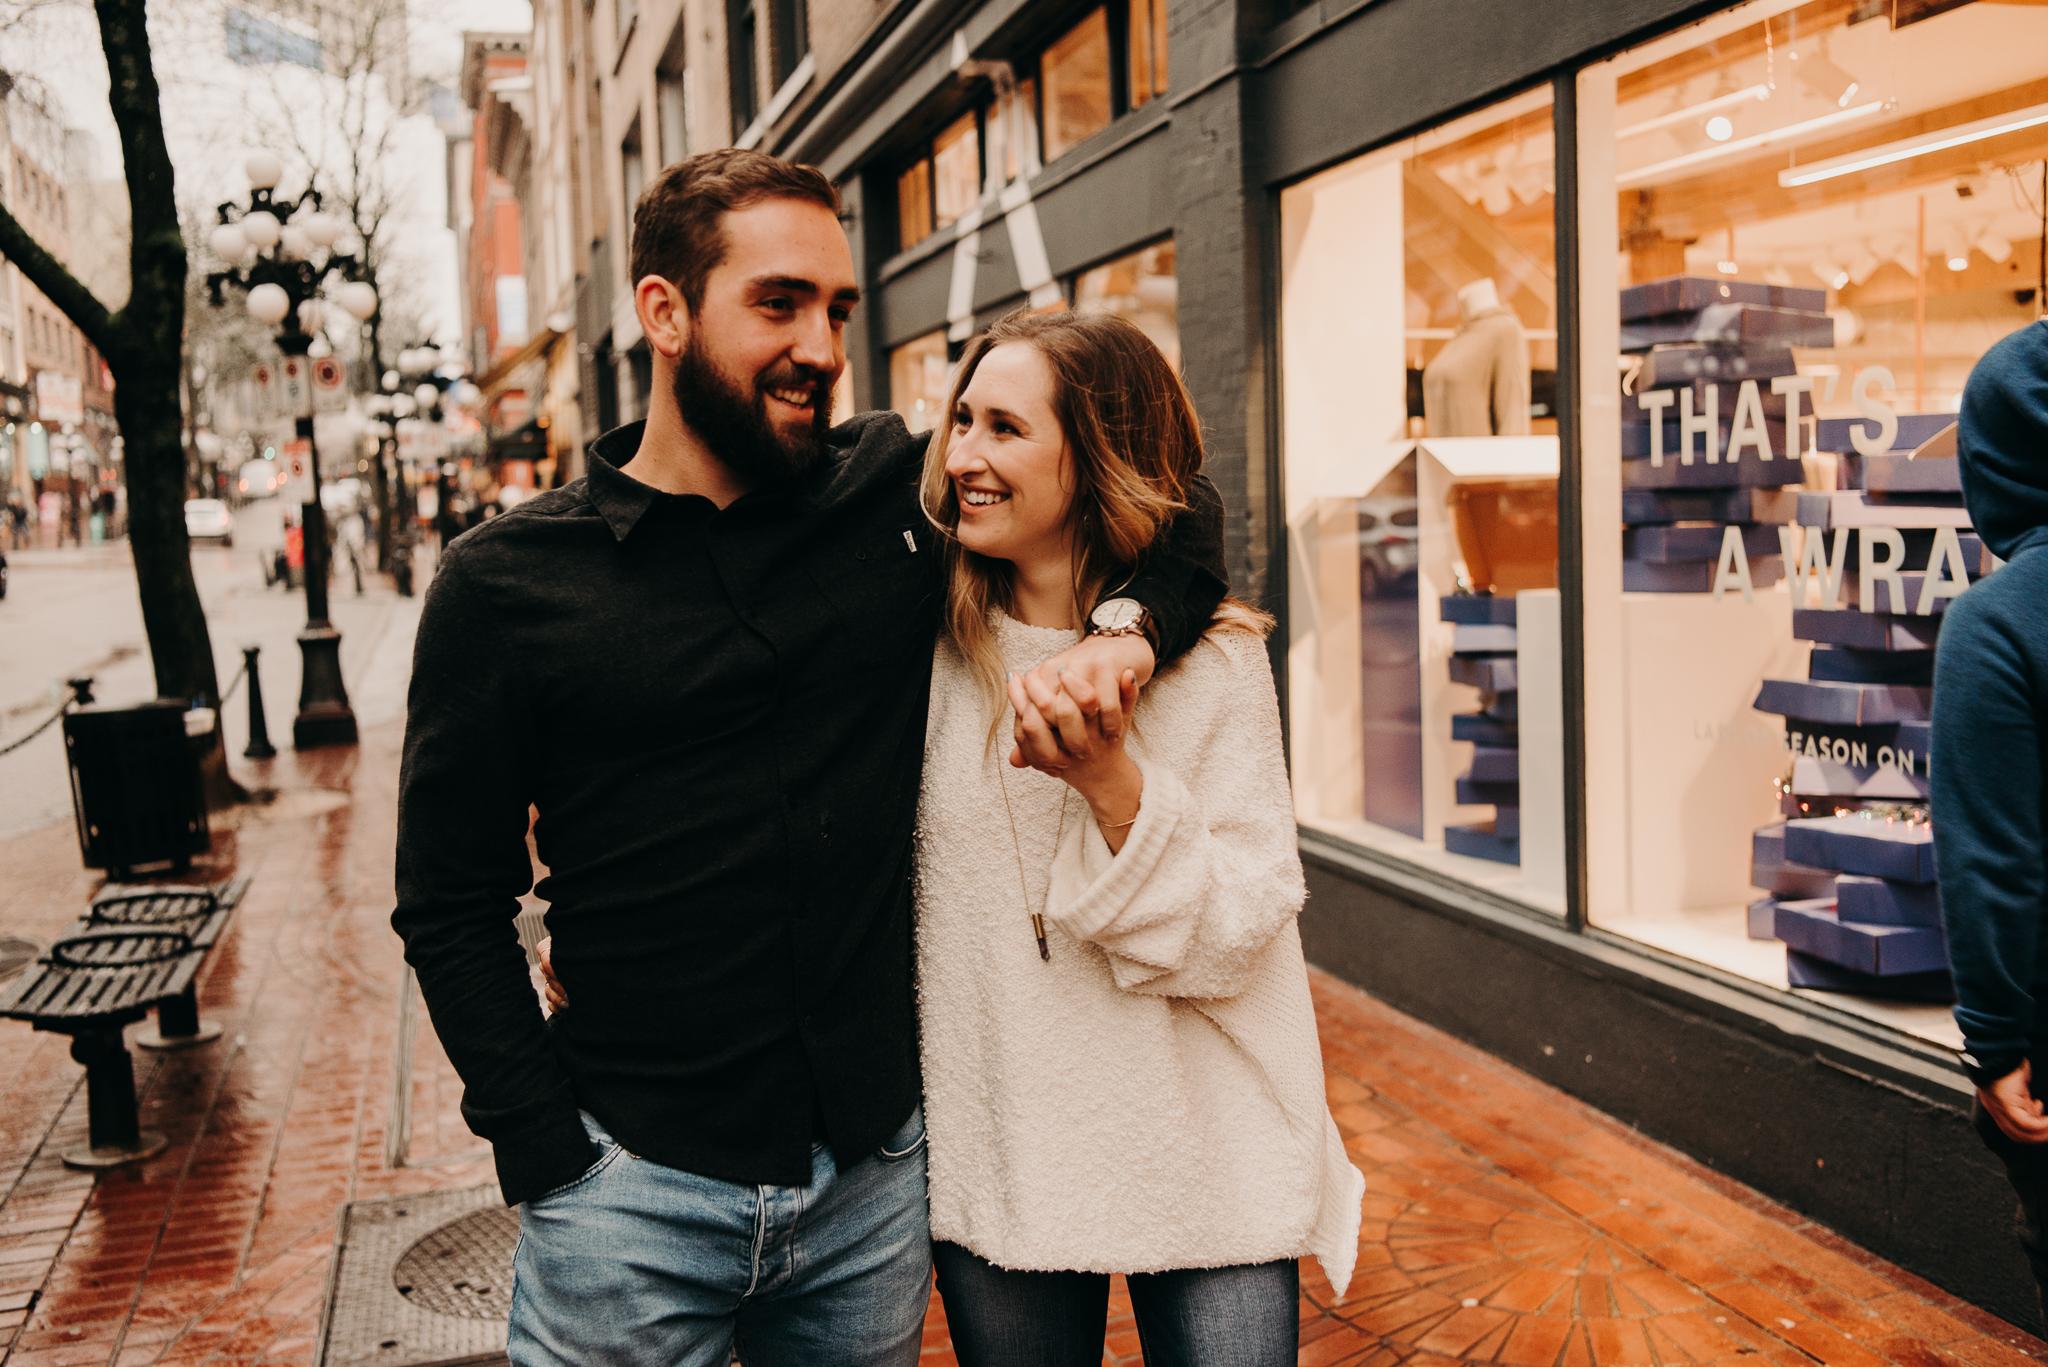 Amanda & Eric Gastown Vancouver Engagement Session - Laura Olson Photography - Sunshine Coast BC Photographer - Vancouver Photographer-2446.jpg